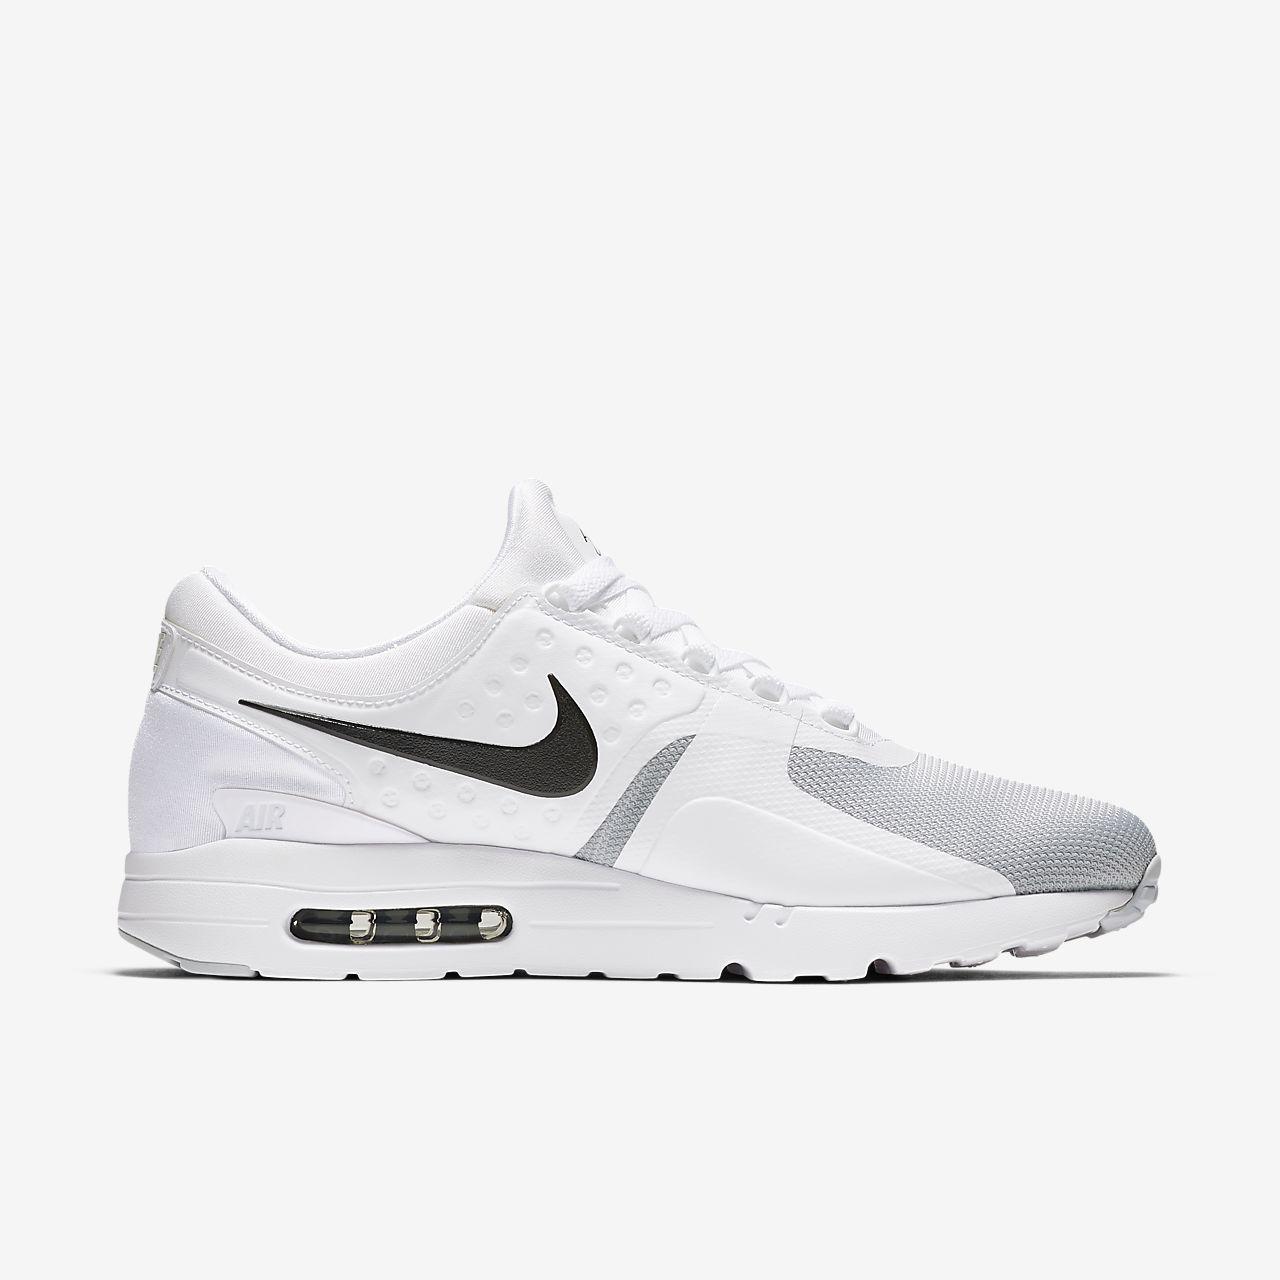 ... Nike Air Max Zero Essential Men's Shoe